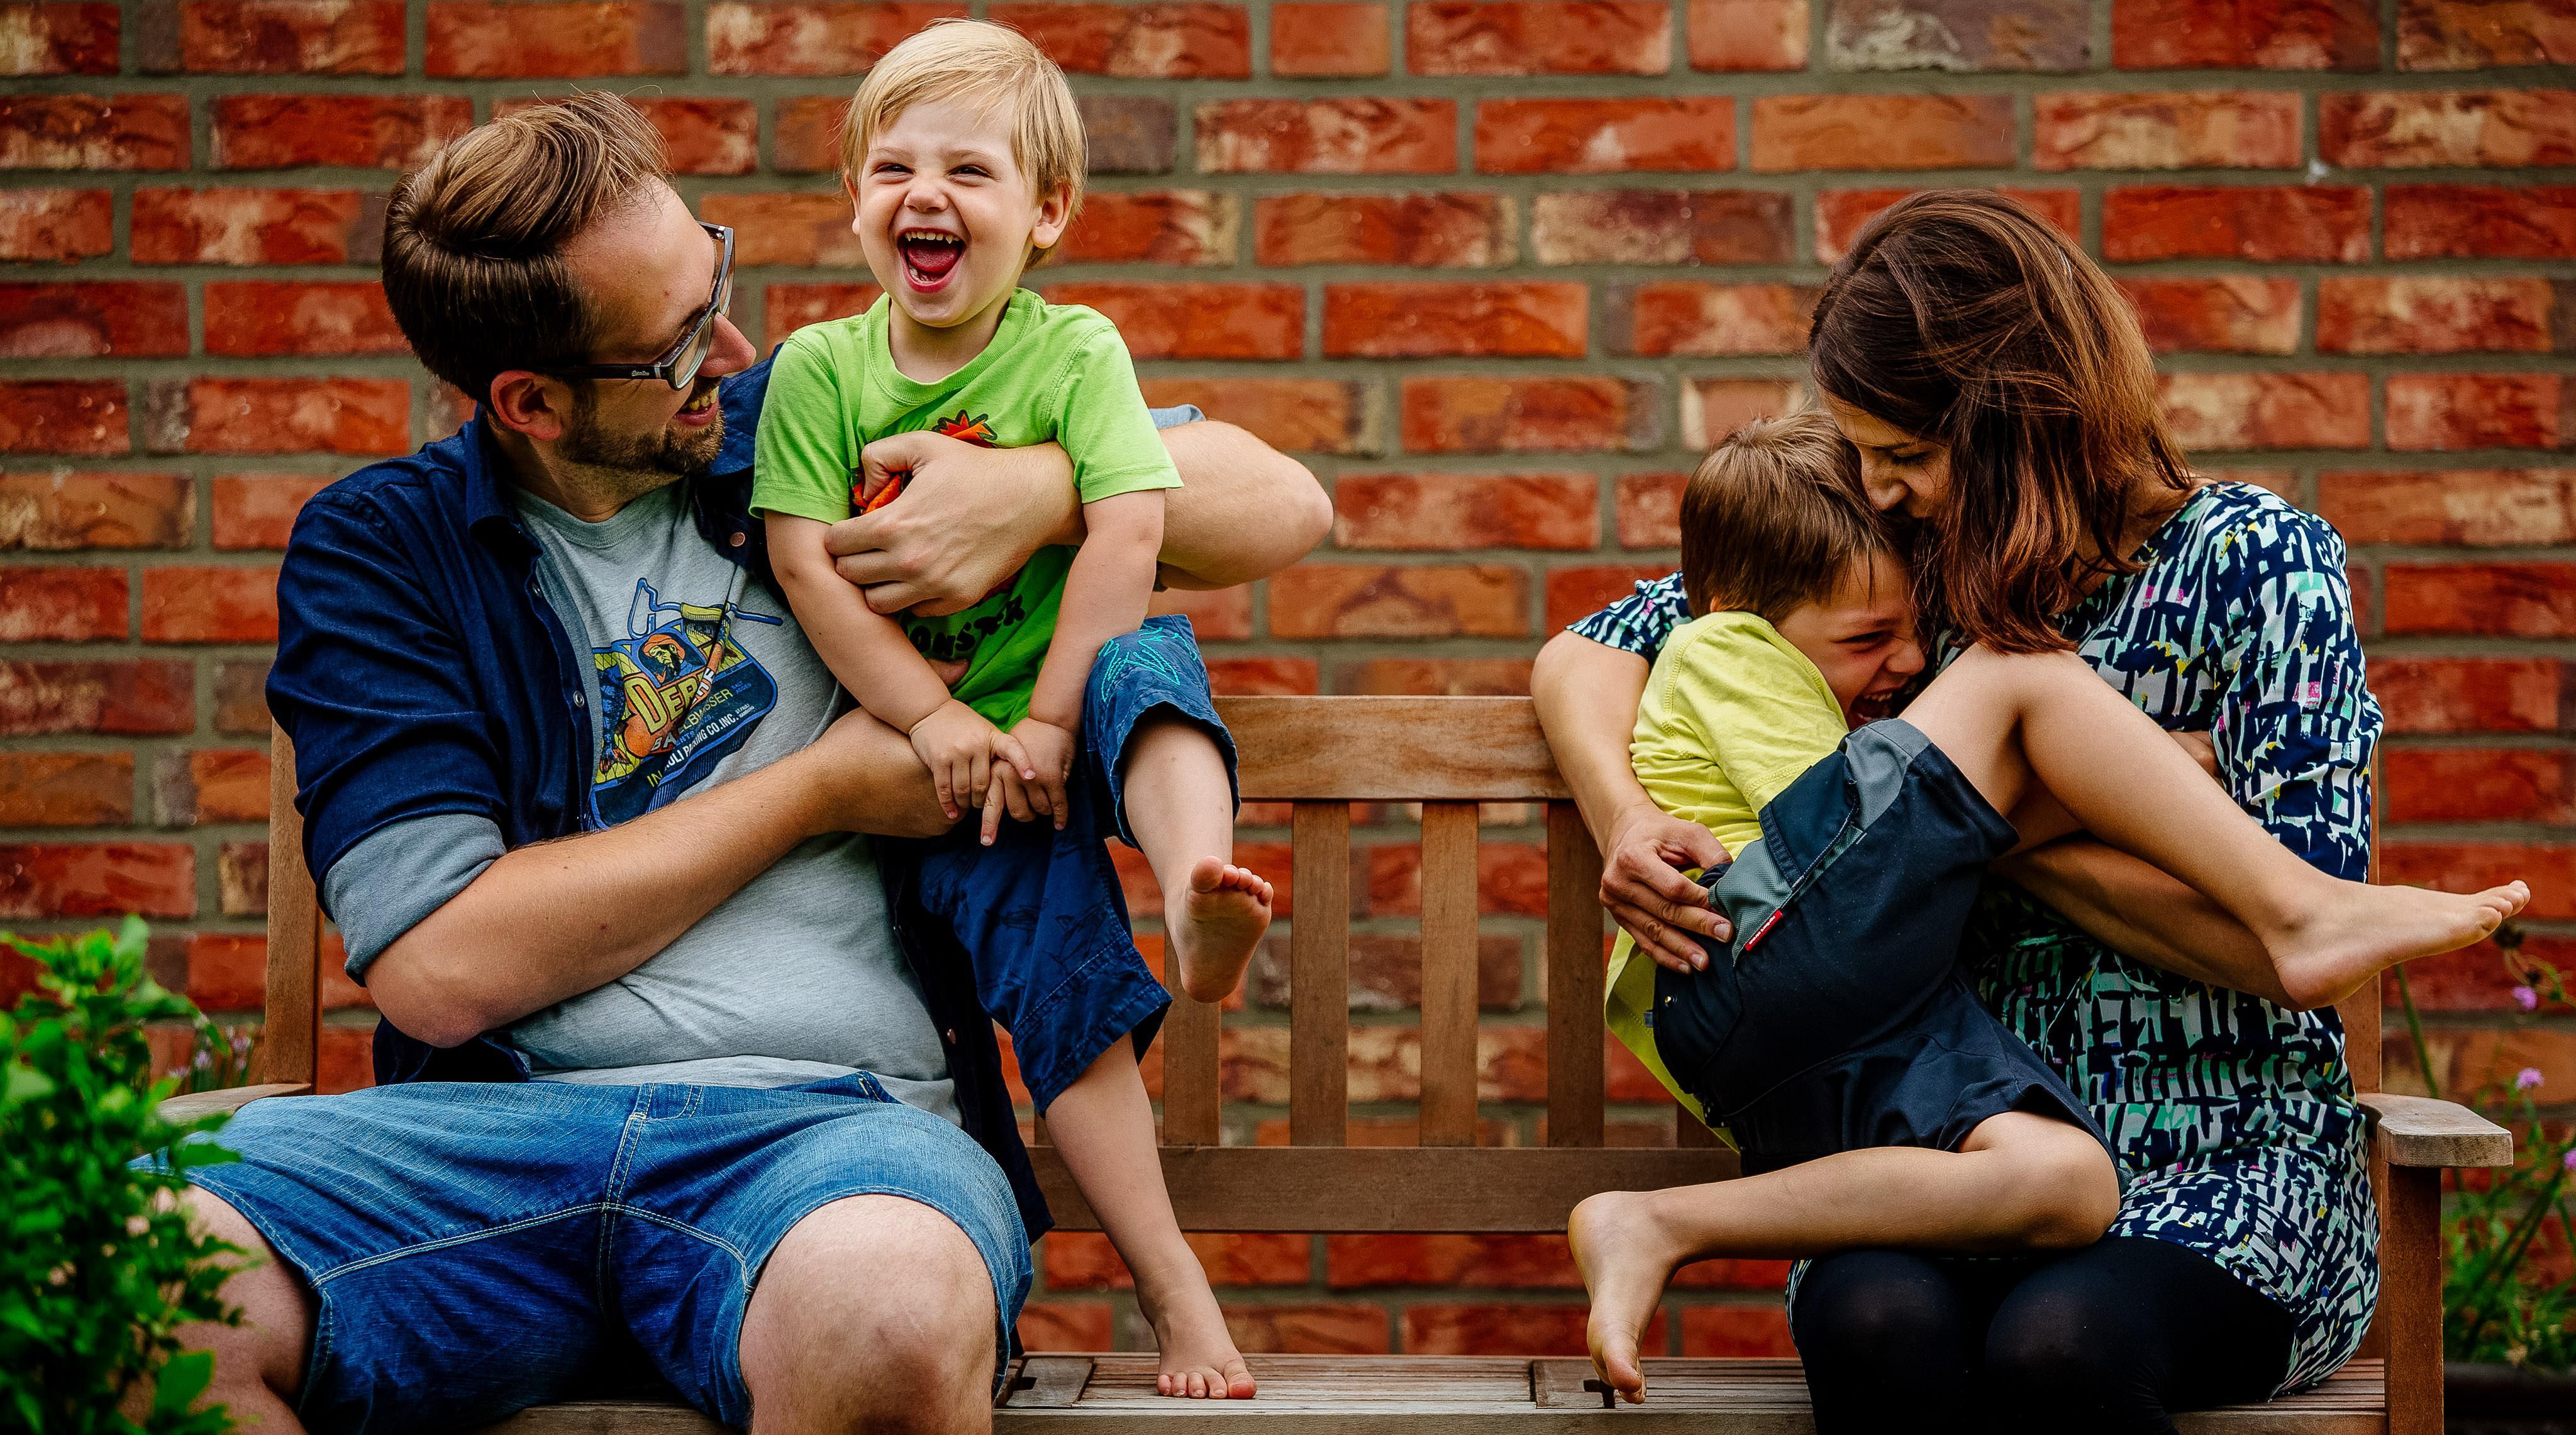 Familienbilder vom Familienfotograf im eigenen Garten